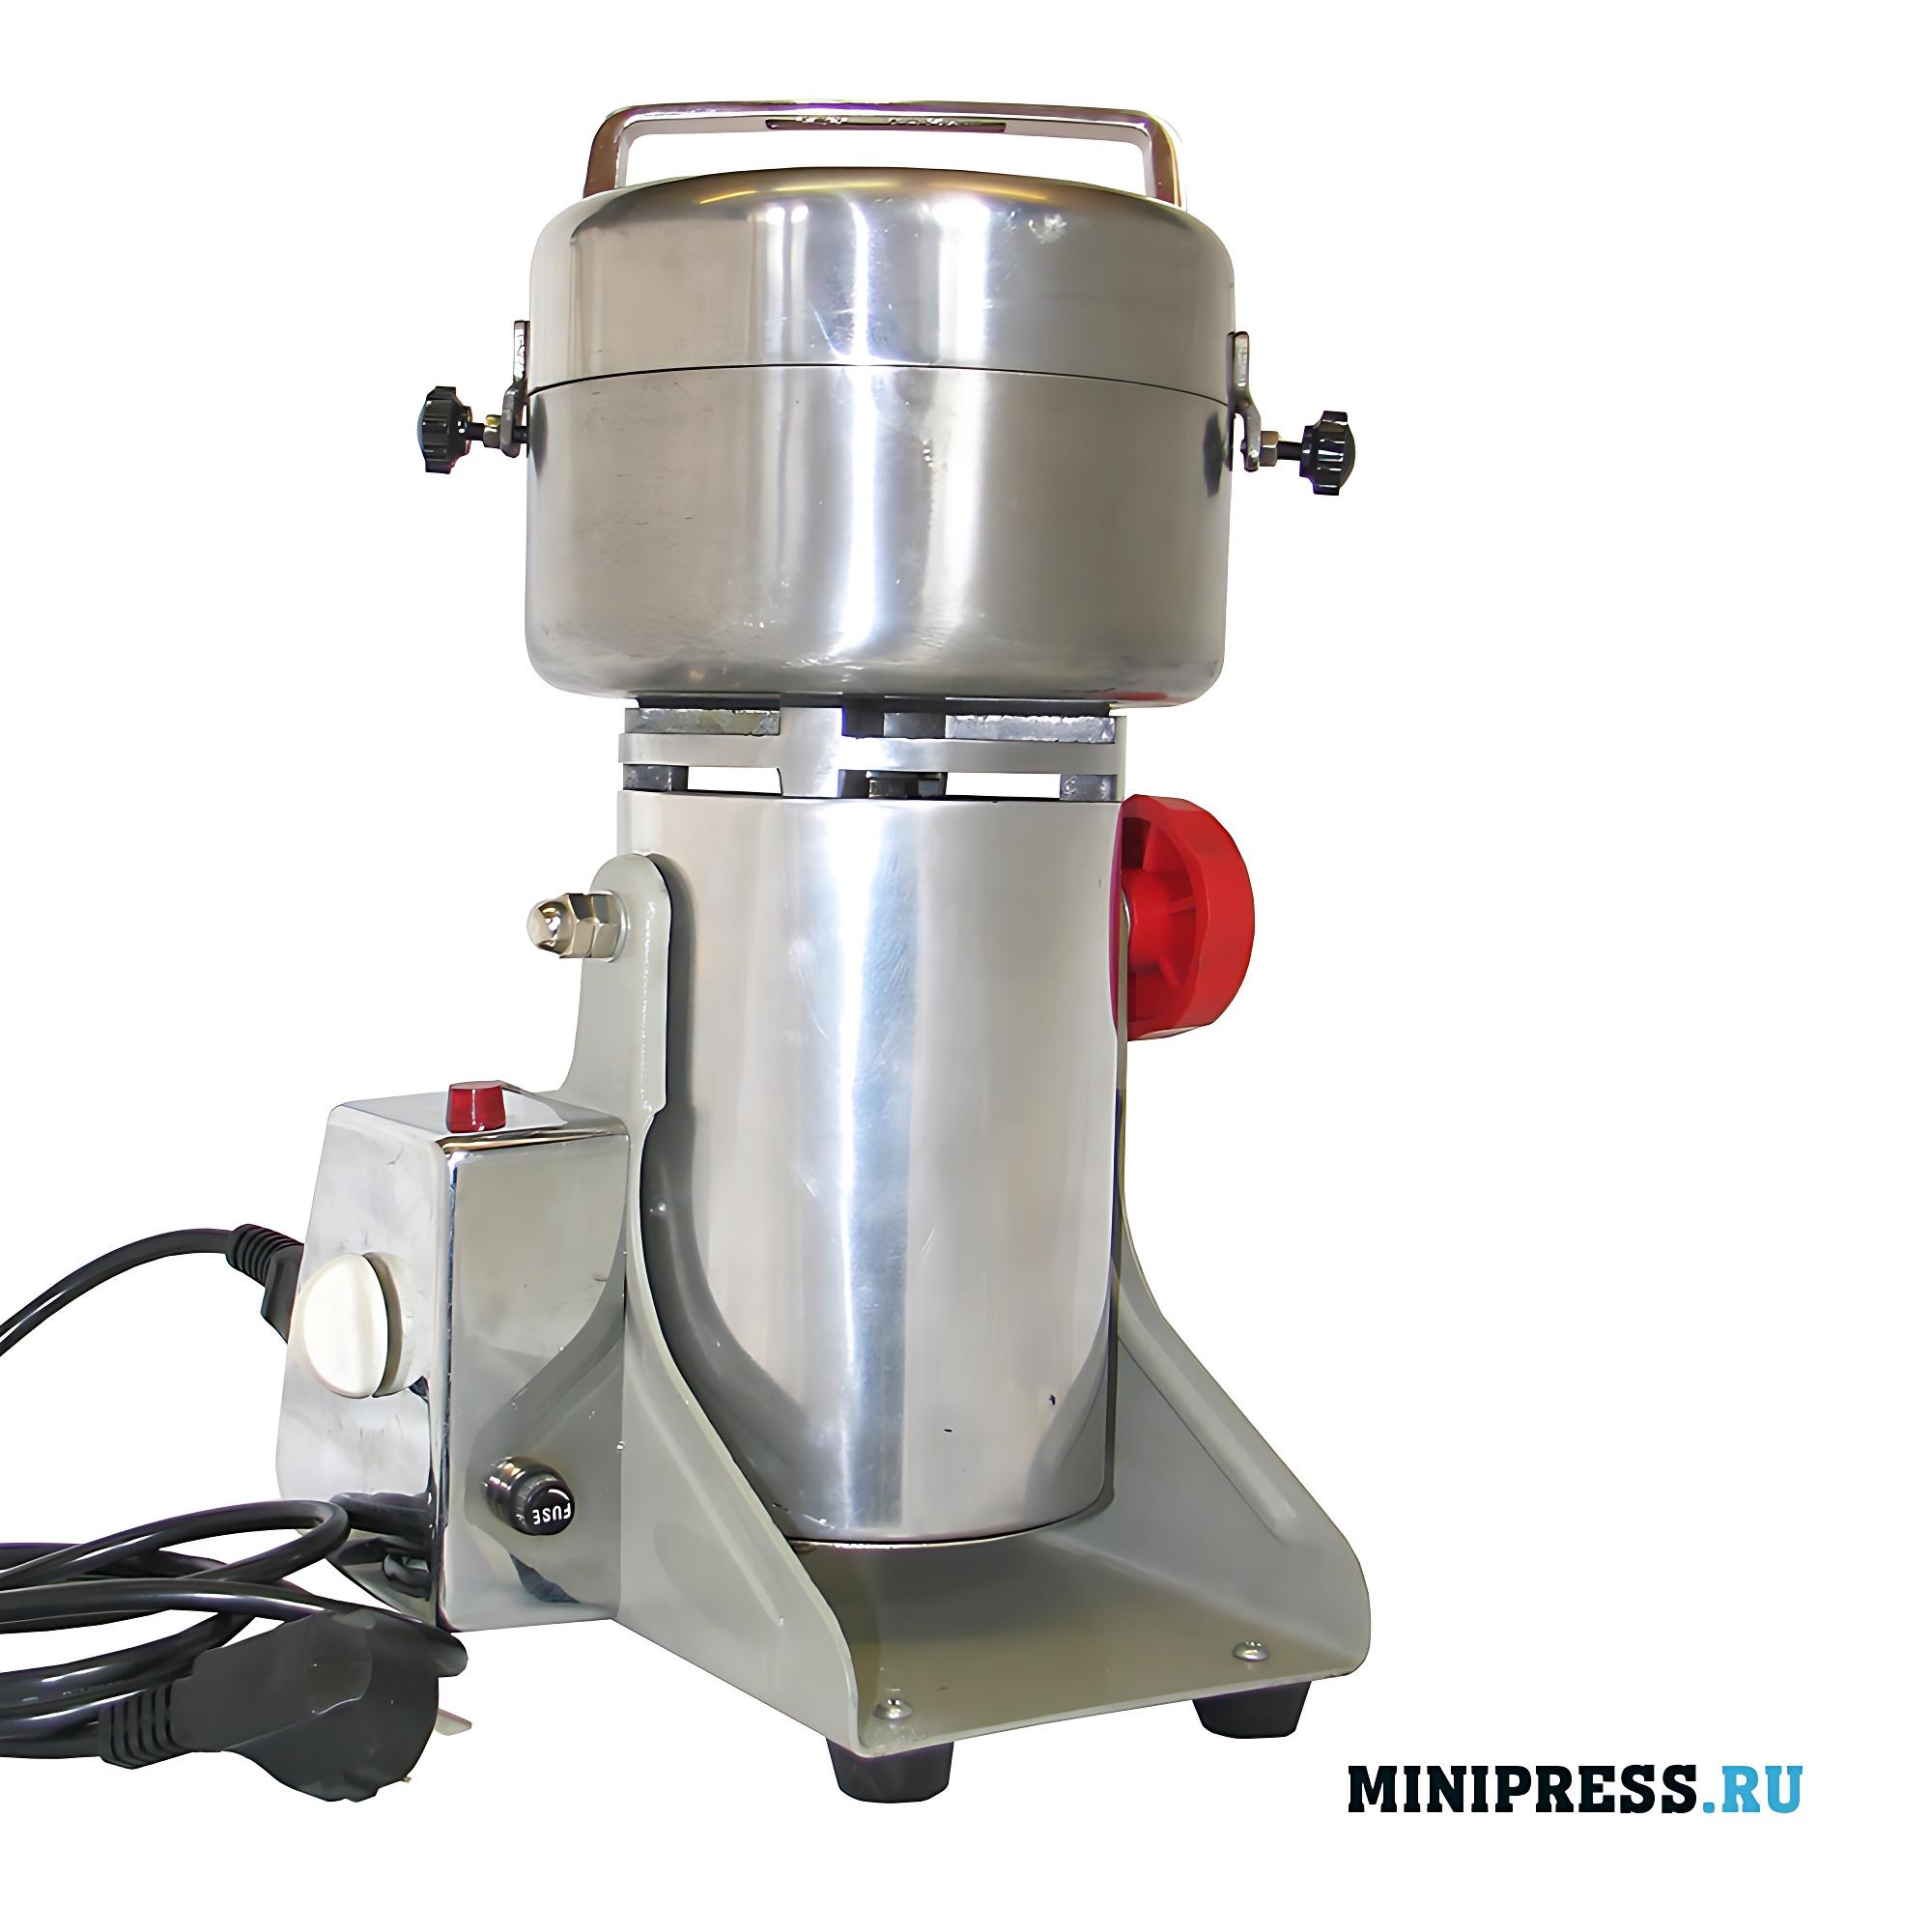 Автоматическая лабораторная мельница ножевого типа с загрузкой сырья